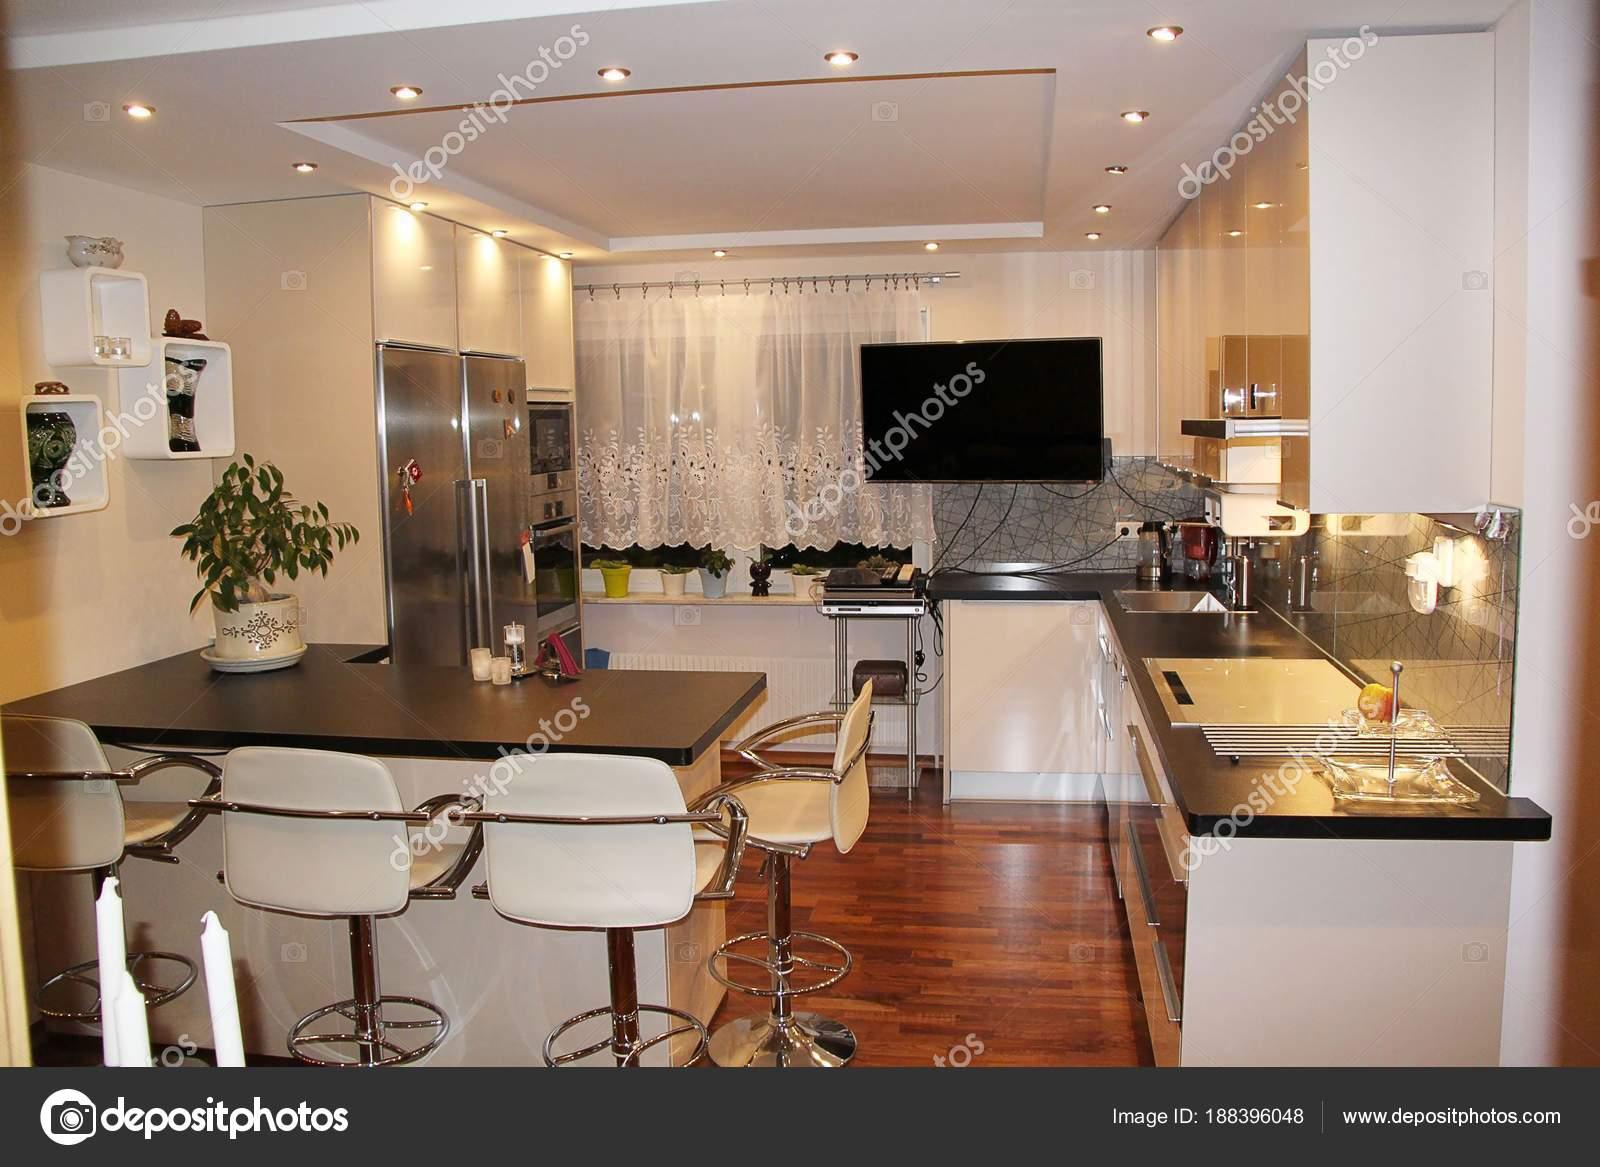 Keuken Kleine Ruimte : Een plaatje😍 ondanks de relatief kleine ruimte toch een